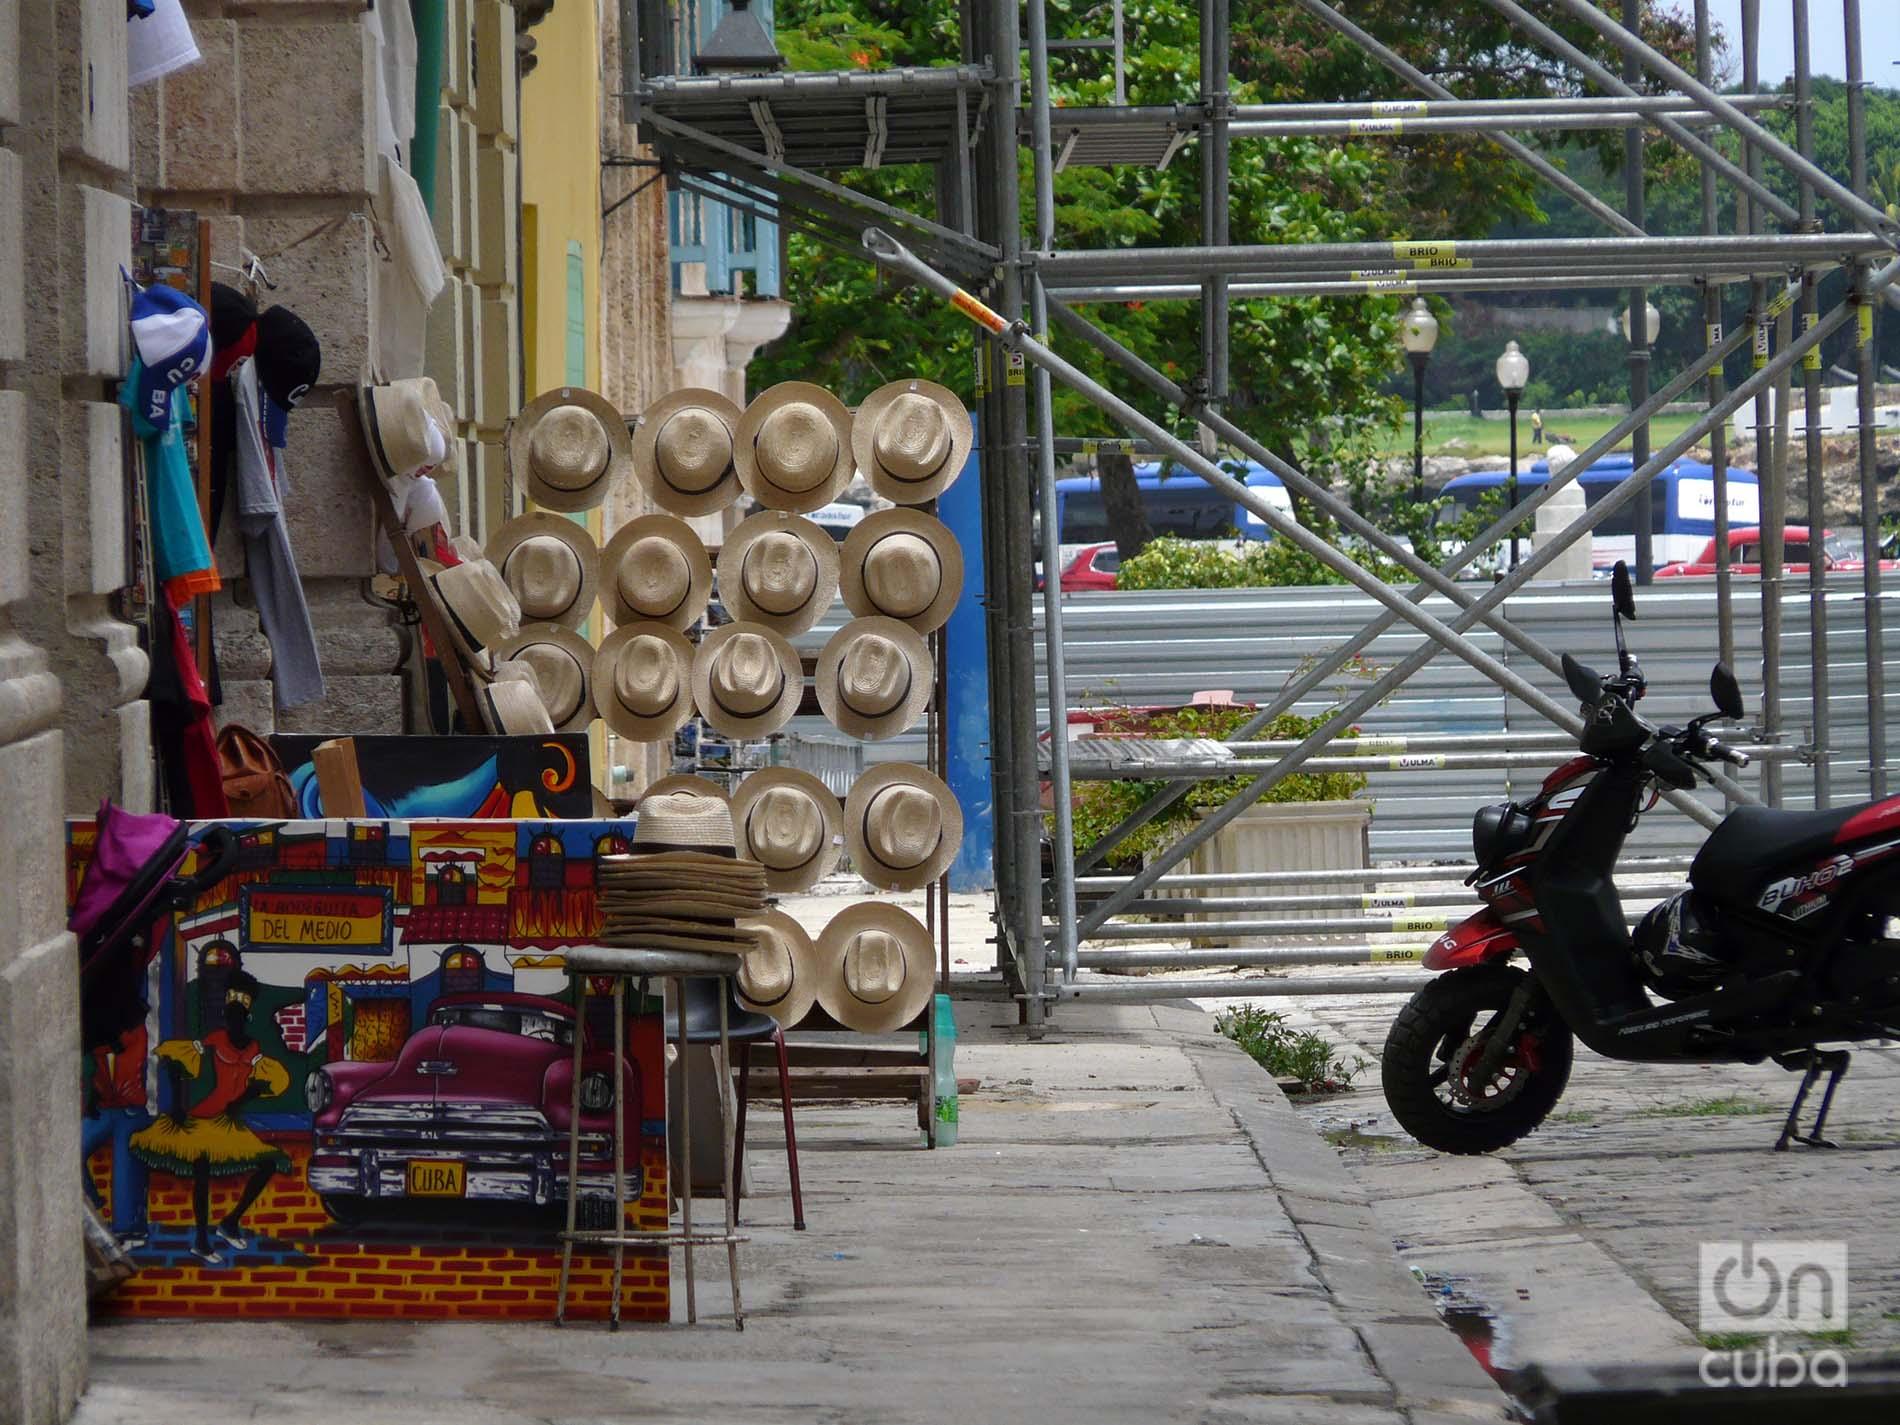 Tranque en la calle Tacón. Foto: Ángel Marqués Dolz.